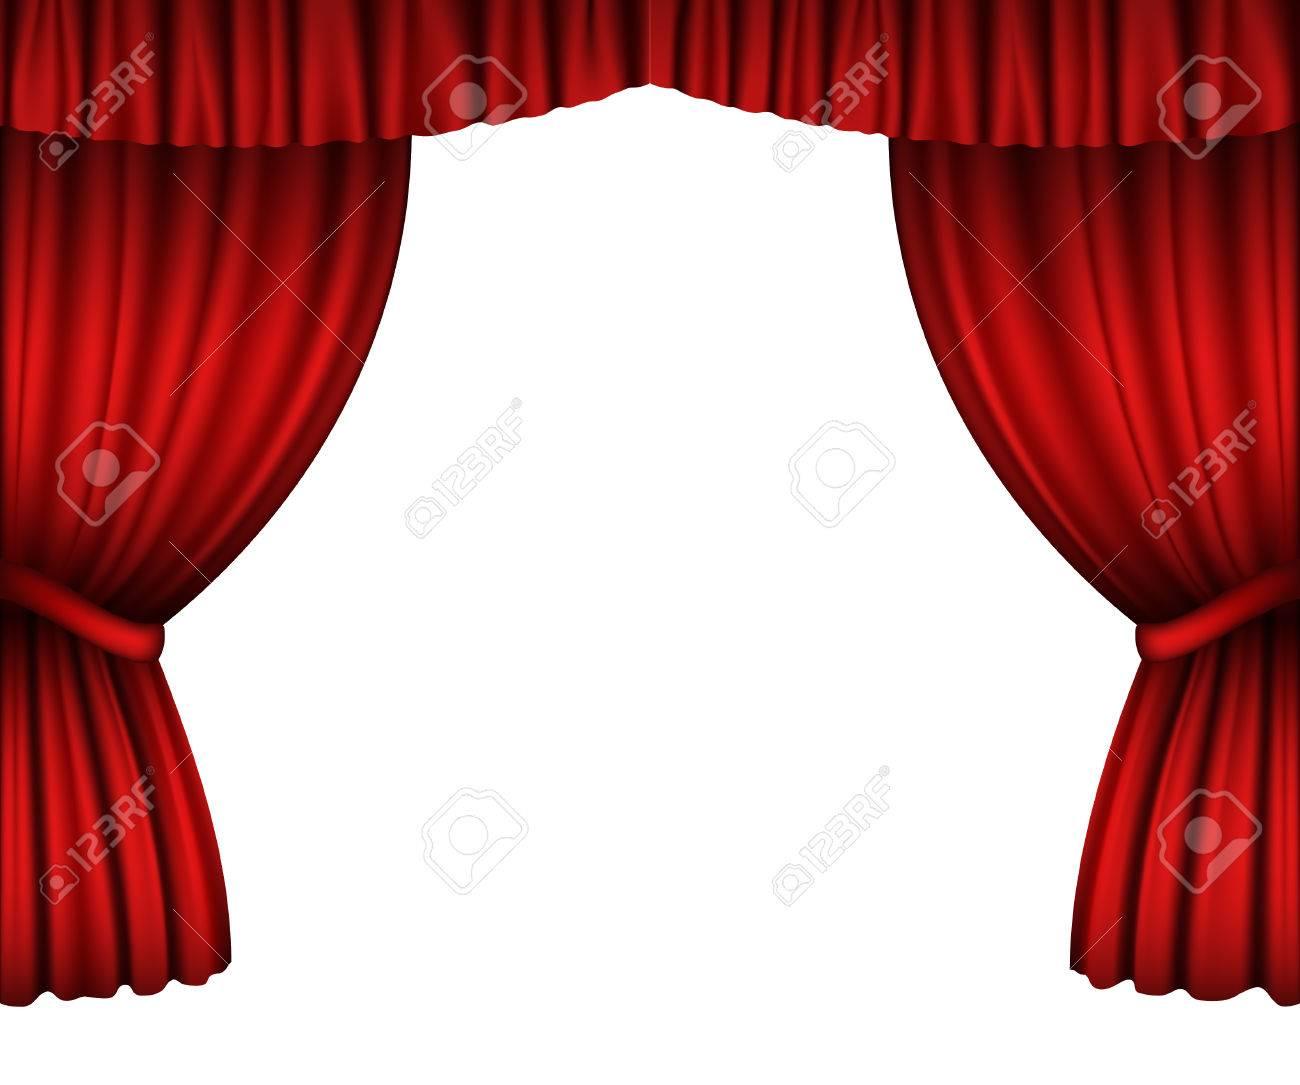 rode gordijnen open op wit wordt gesoleerd stockfoto 36984523